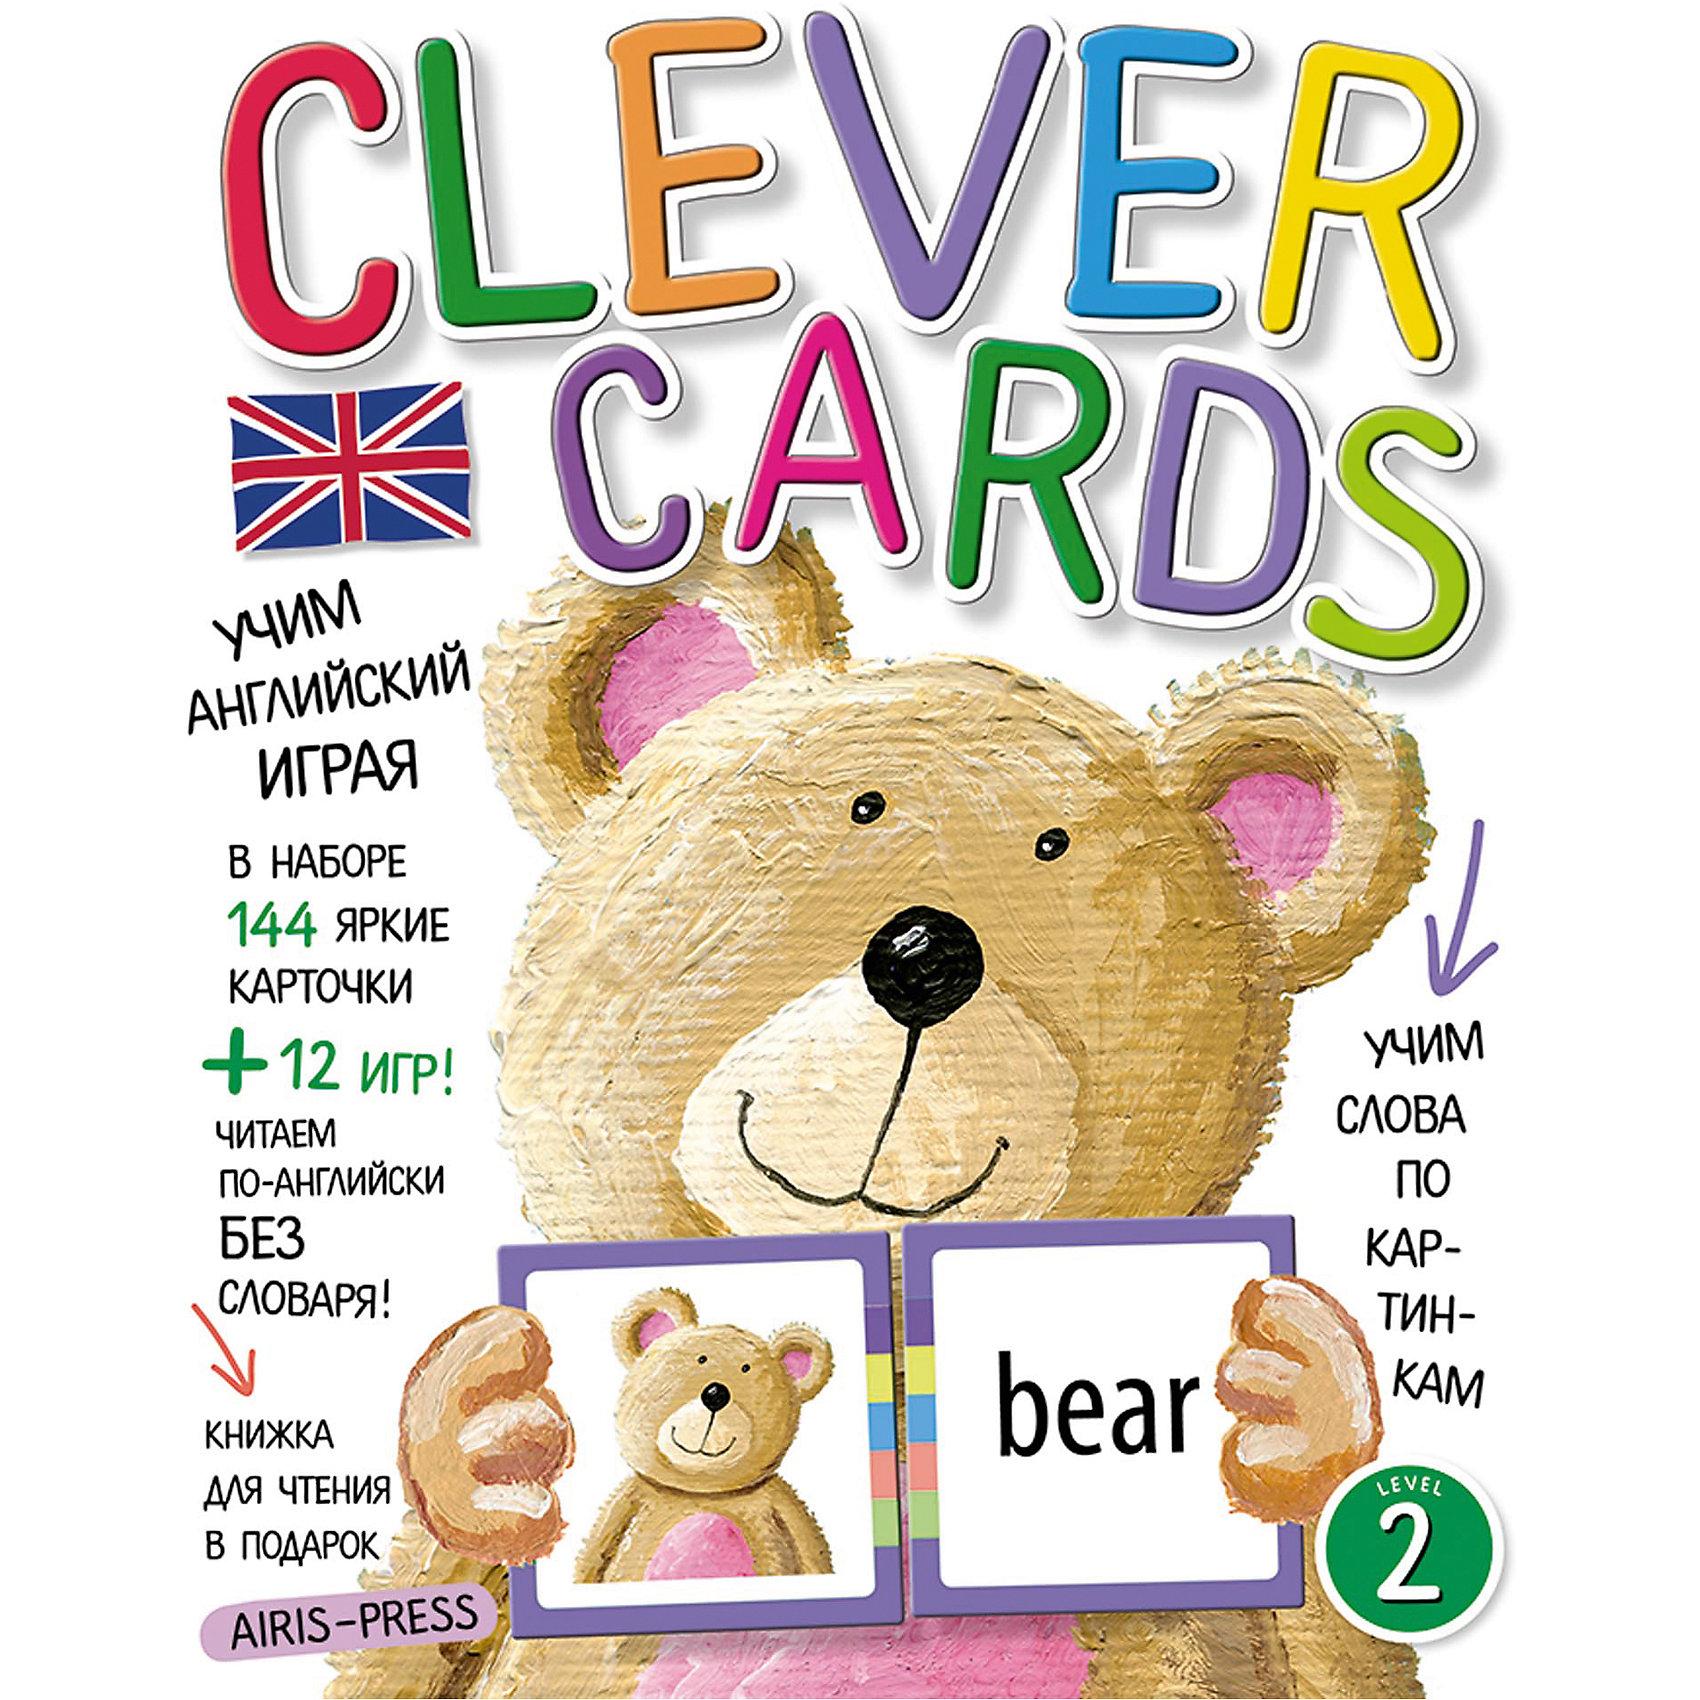 Учим английский играя, уровень 2Иностранный язык<br>Характеристики товара:<br><br>• возраст: от 6 лет<br>• комплектация: 144 карточки с цветовым ключом для самопроверки; методические рекомендации; книга со сказкой «Goldilocks and the Three Bears» в подарок.<br>• темы: Овощи; Фрукты; Ягоды; Мебель; Посуда; Счет; Свойства.<br>• производитель: Айрис-пресс<br>• серия: Умные карточки<br>• материал карточек: картон<br>• иллюстрации: цветные<br>• упаковка: картонная коробка<br>• размер упаковки: 24,7х17,1х1,4 см.<br>• вес: 248 гр.<br><br>Набор «Учим английский играя, уровень 2» поможет детям быстро и незаметно для себя освоить значительную часть лексики начальной школы и даст возможность читать английские тексты без словаря.<br><br>В наборе 144 яркие игровые карточки. Для каждого изображения есть парная карточка с названием. На всех карточках находится цветовой ключ, с помощью которого ребёнок может сам проверить, правильно ли он подобрал слово.<br><br>Кроме того, в наборе вы найдёте сборник с методическими рекомендациями, который поможет вам правильно организовать обучающие игры.<br><br>Книжка со сказкой «Goldilocks and the Three Bears» - это подарок. Попробуйте прочитать её, не пользуясь словарем в конце книжки.<br><br>Набор «Учим английский играя, уровень 2» можно купить в нашем интернет-магазине.<br><br>Ширина мм: 15<br>Глубина мм: 170<br>Высота мм: 220<br>Вес г: 250<br>Возраст от месяцев: -2147483648<br>Возраст до месяцев: 2147483647<br>Пол: Унисекс<br>Возраст: Детский<br>SKU: 6849553